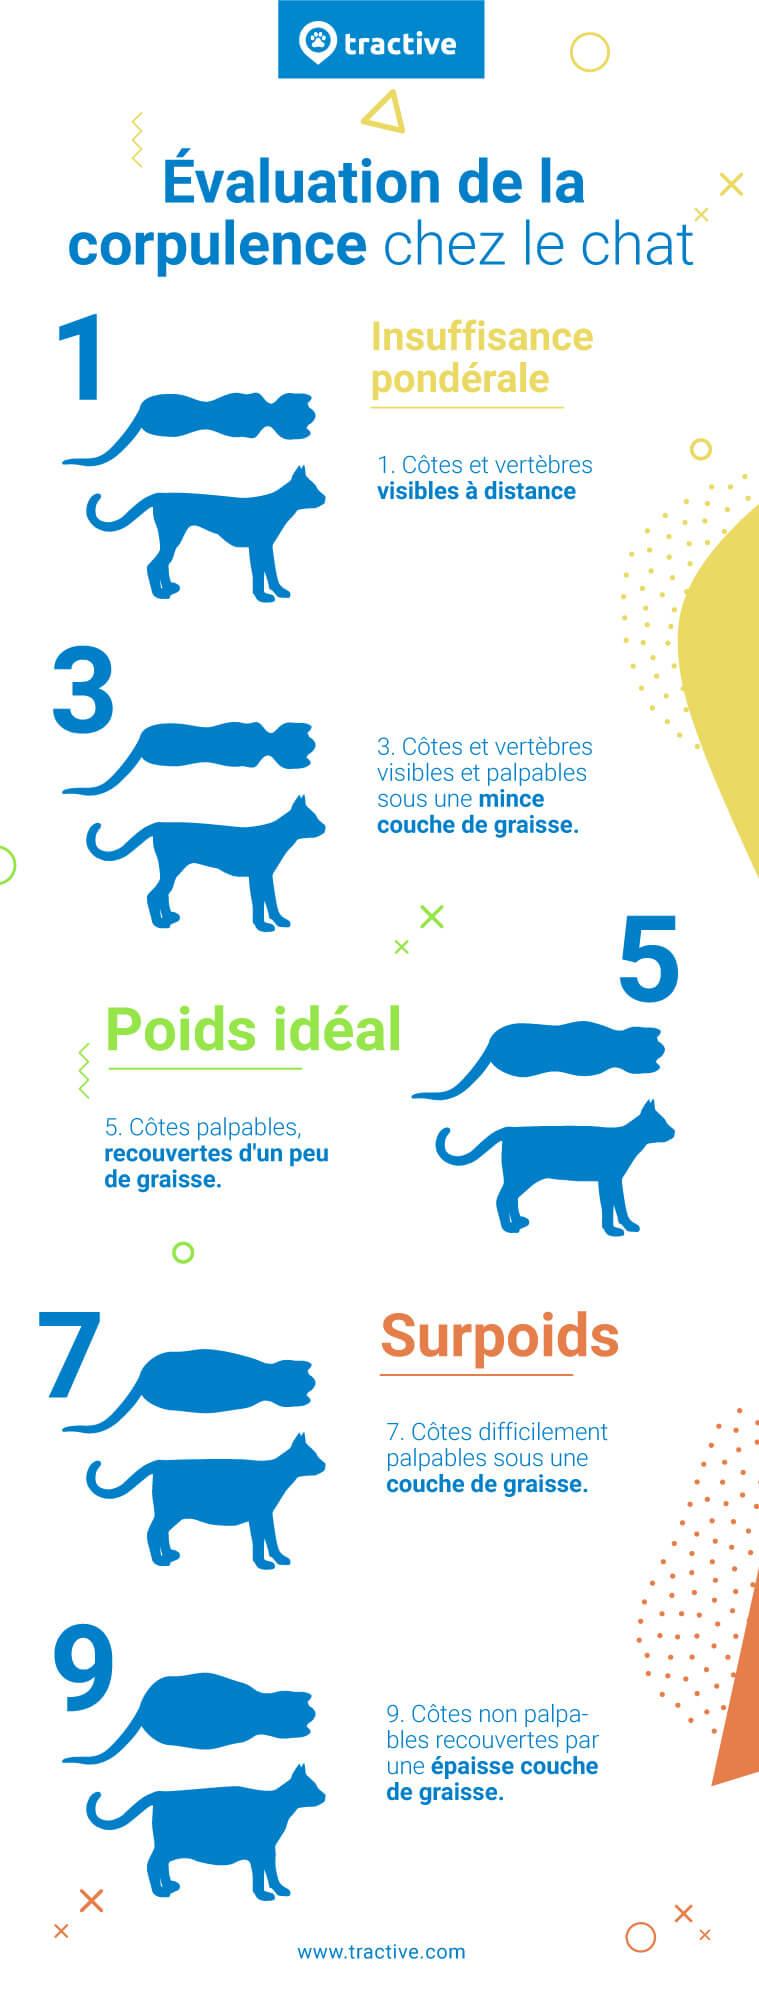 Infographie sur l'évaluation de la corpulence chez le chat